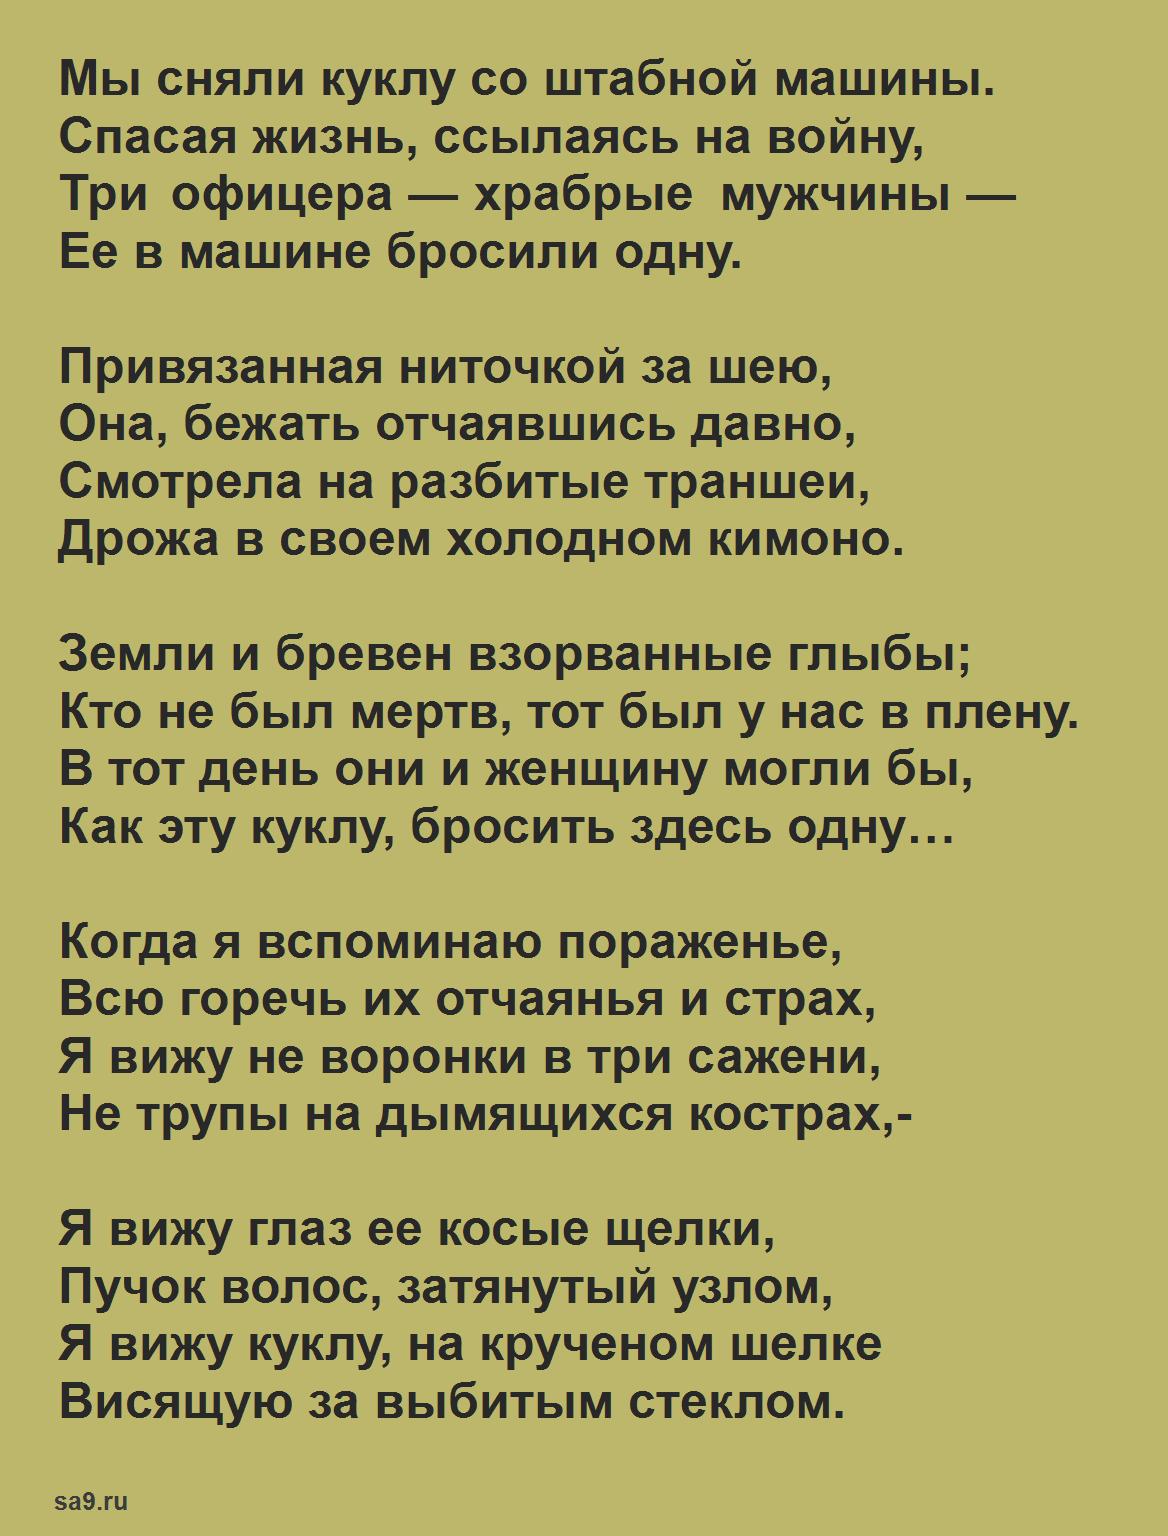 Читать короткие стихи Симонова - Кукла